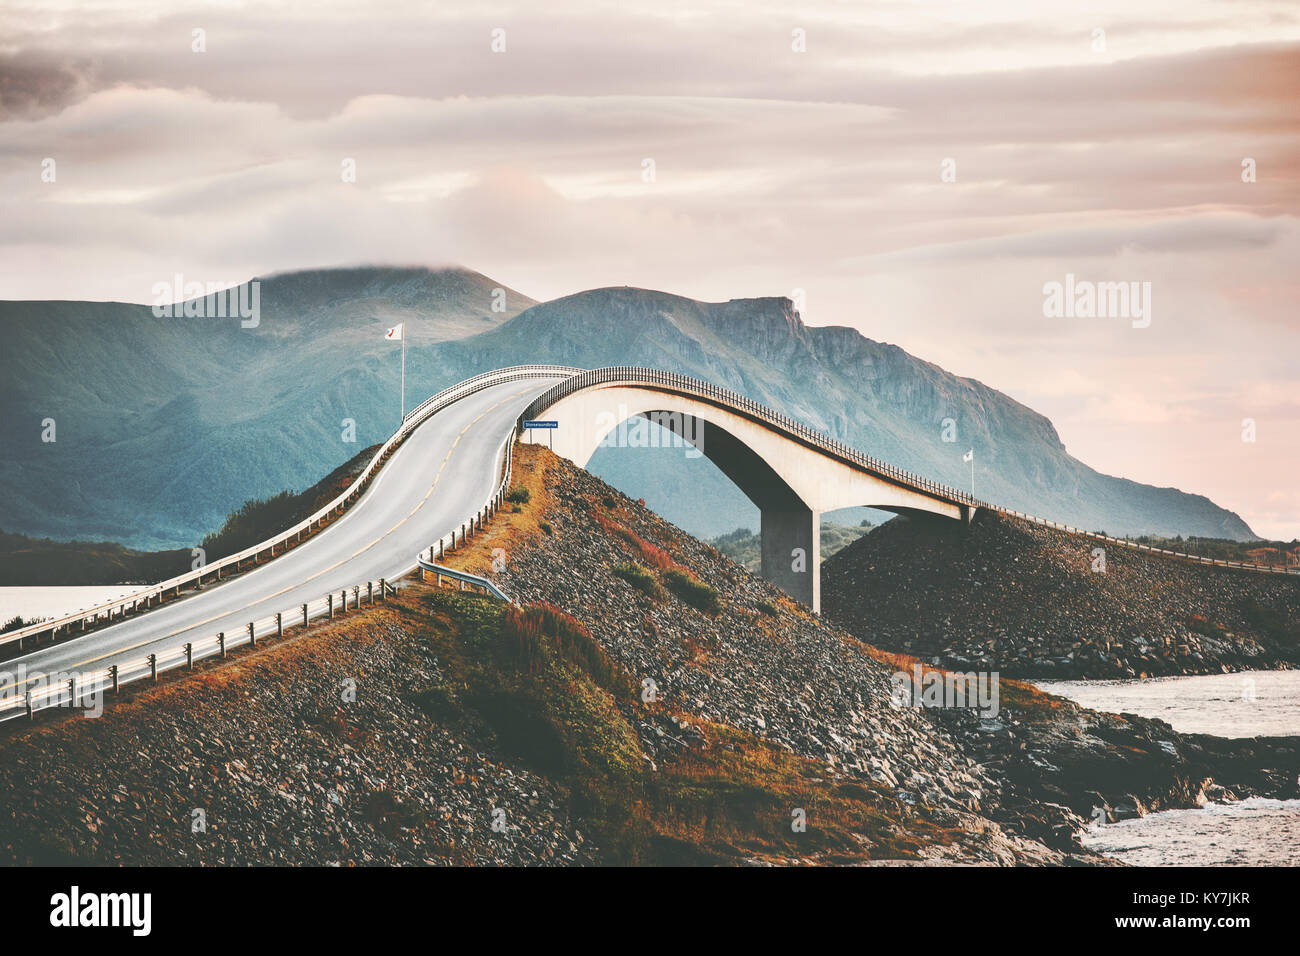 Atlantic Road in Norwegen Storseisundet Brücke über den Ozean skandinavische reisen Sehenswürdigkeiten Stockbild